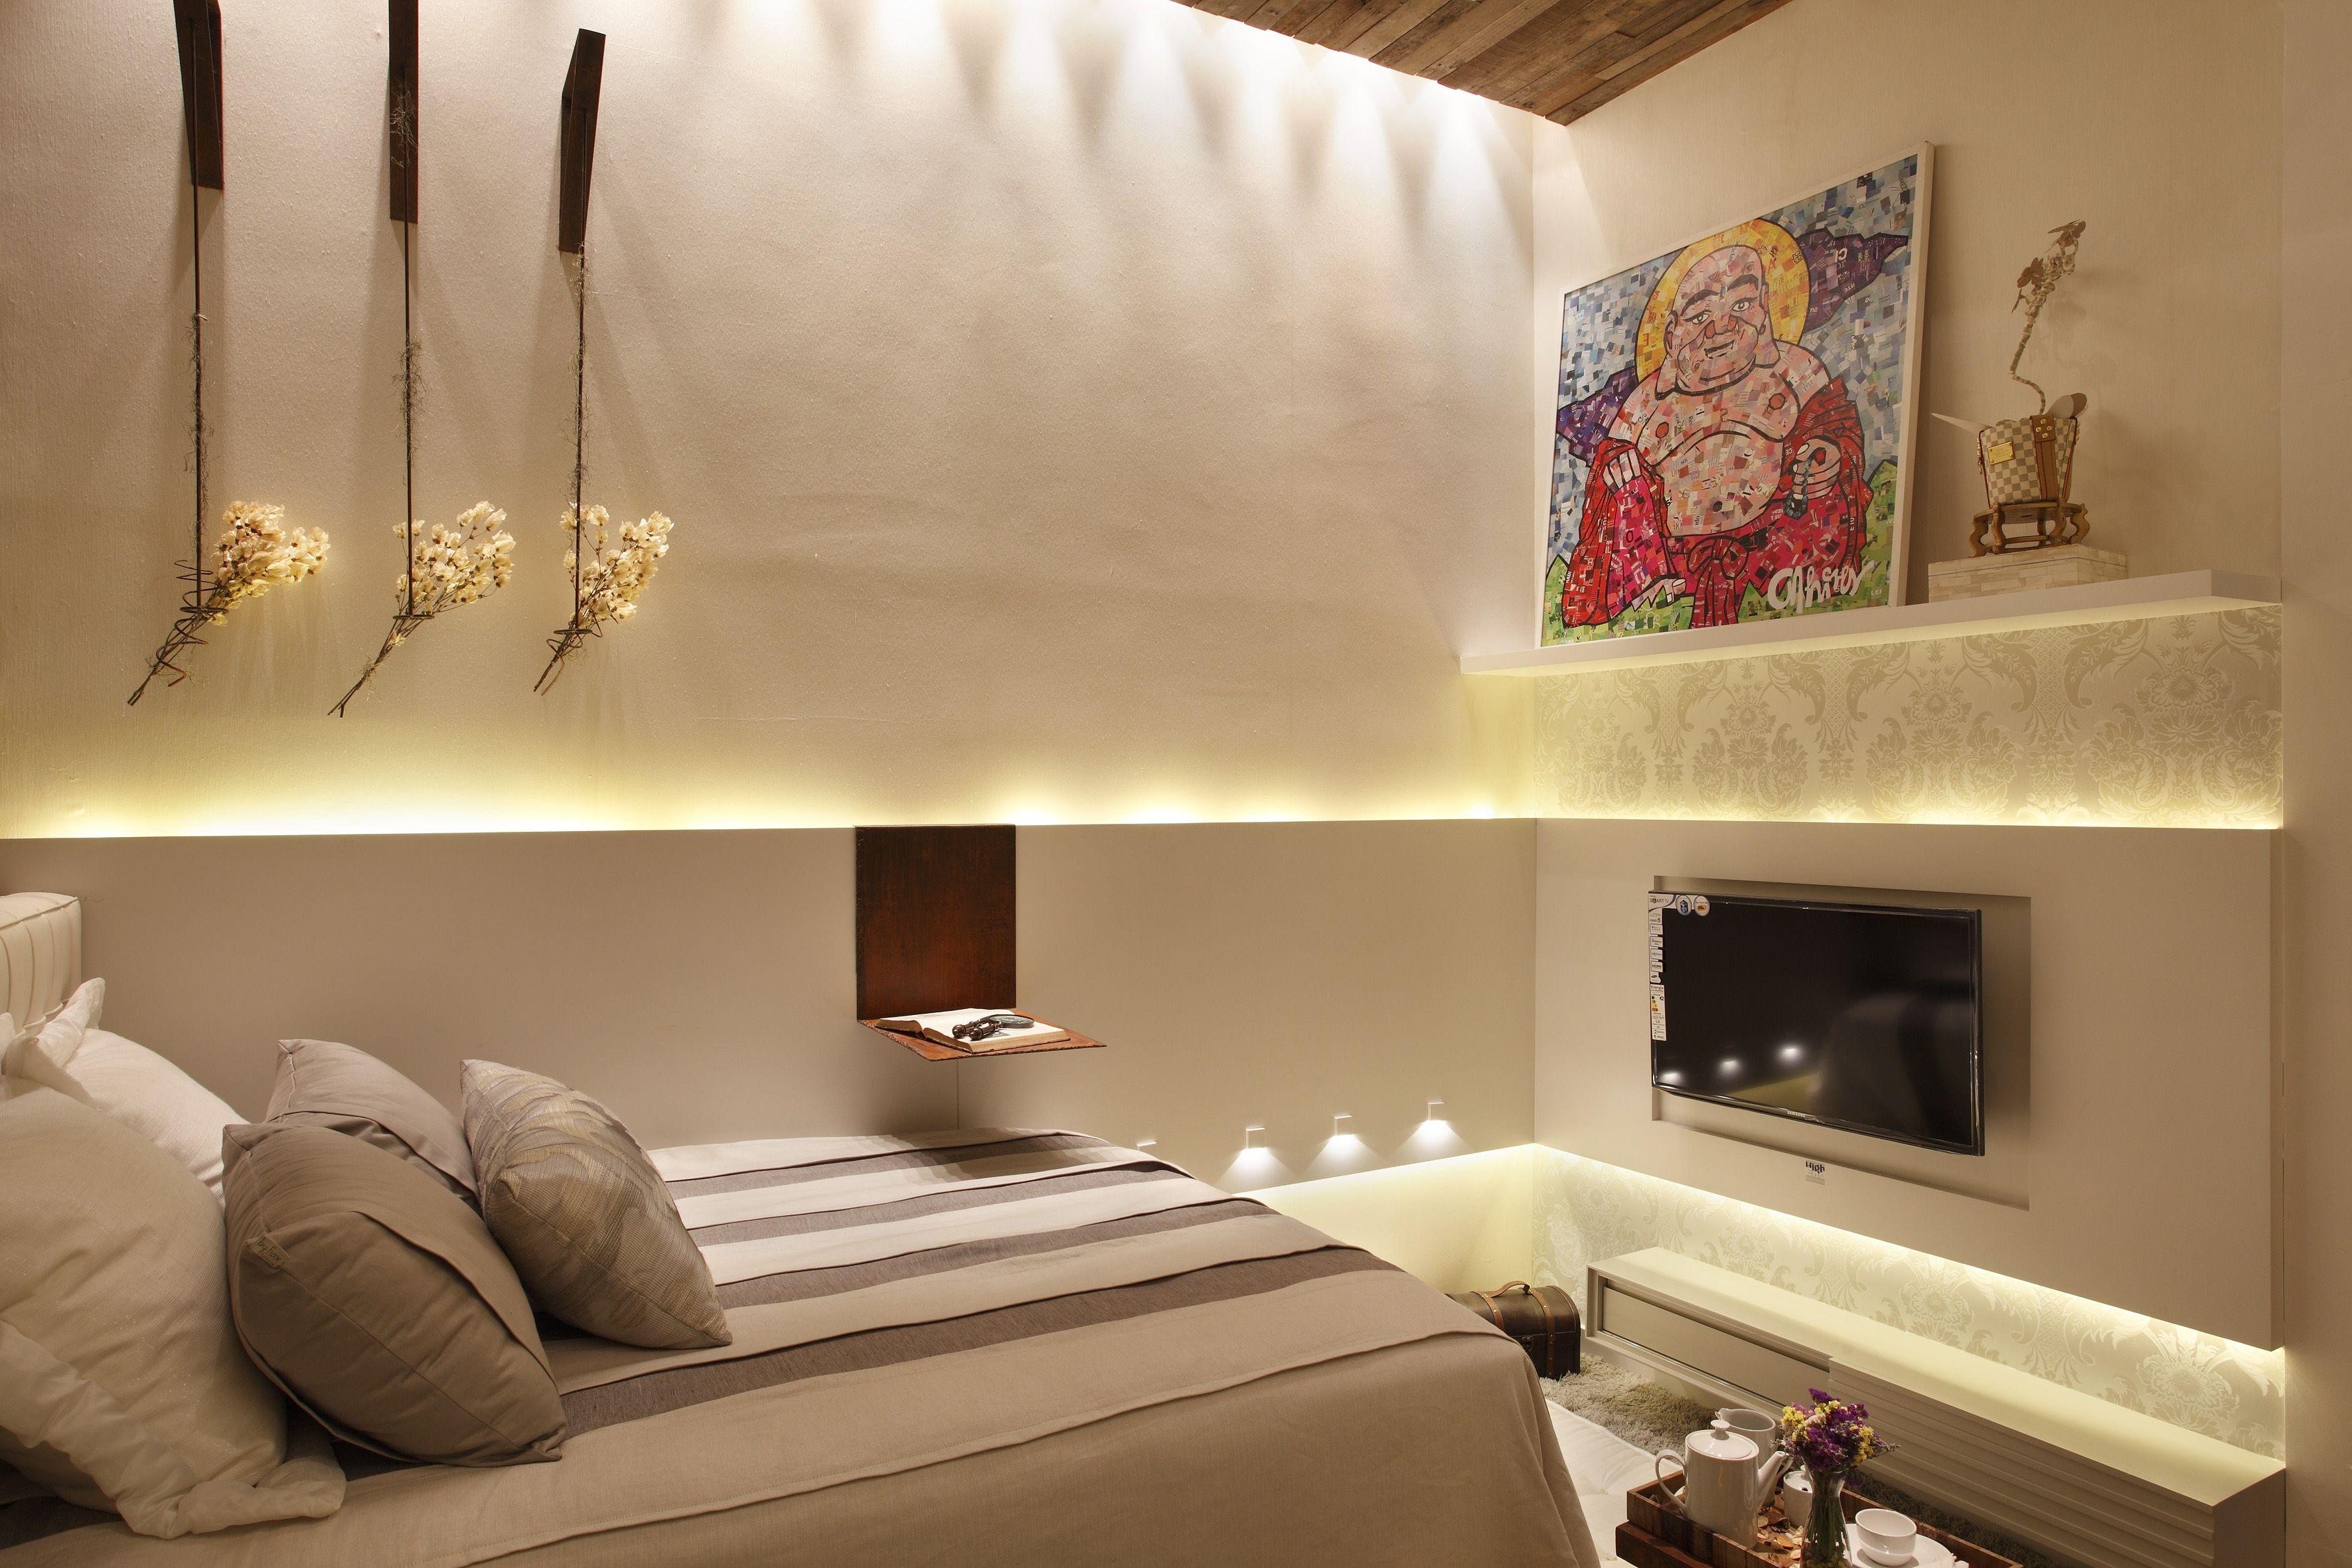 Cores Para Quarto ~ Decoracao quaro menina casa cor rio 2012 papel de parede na decoraçao painel para tv quarto em